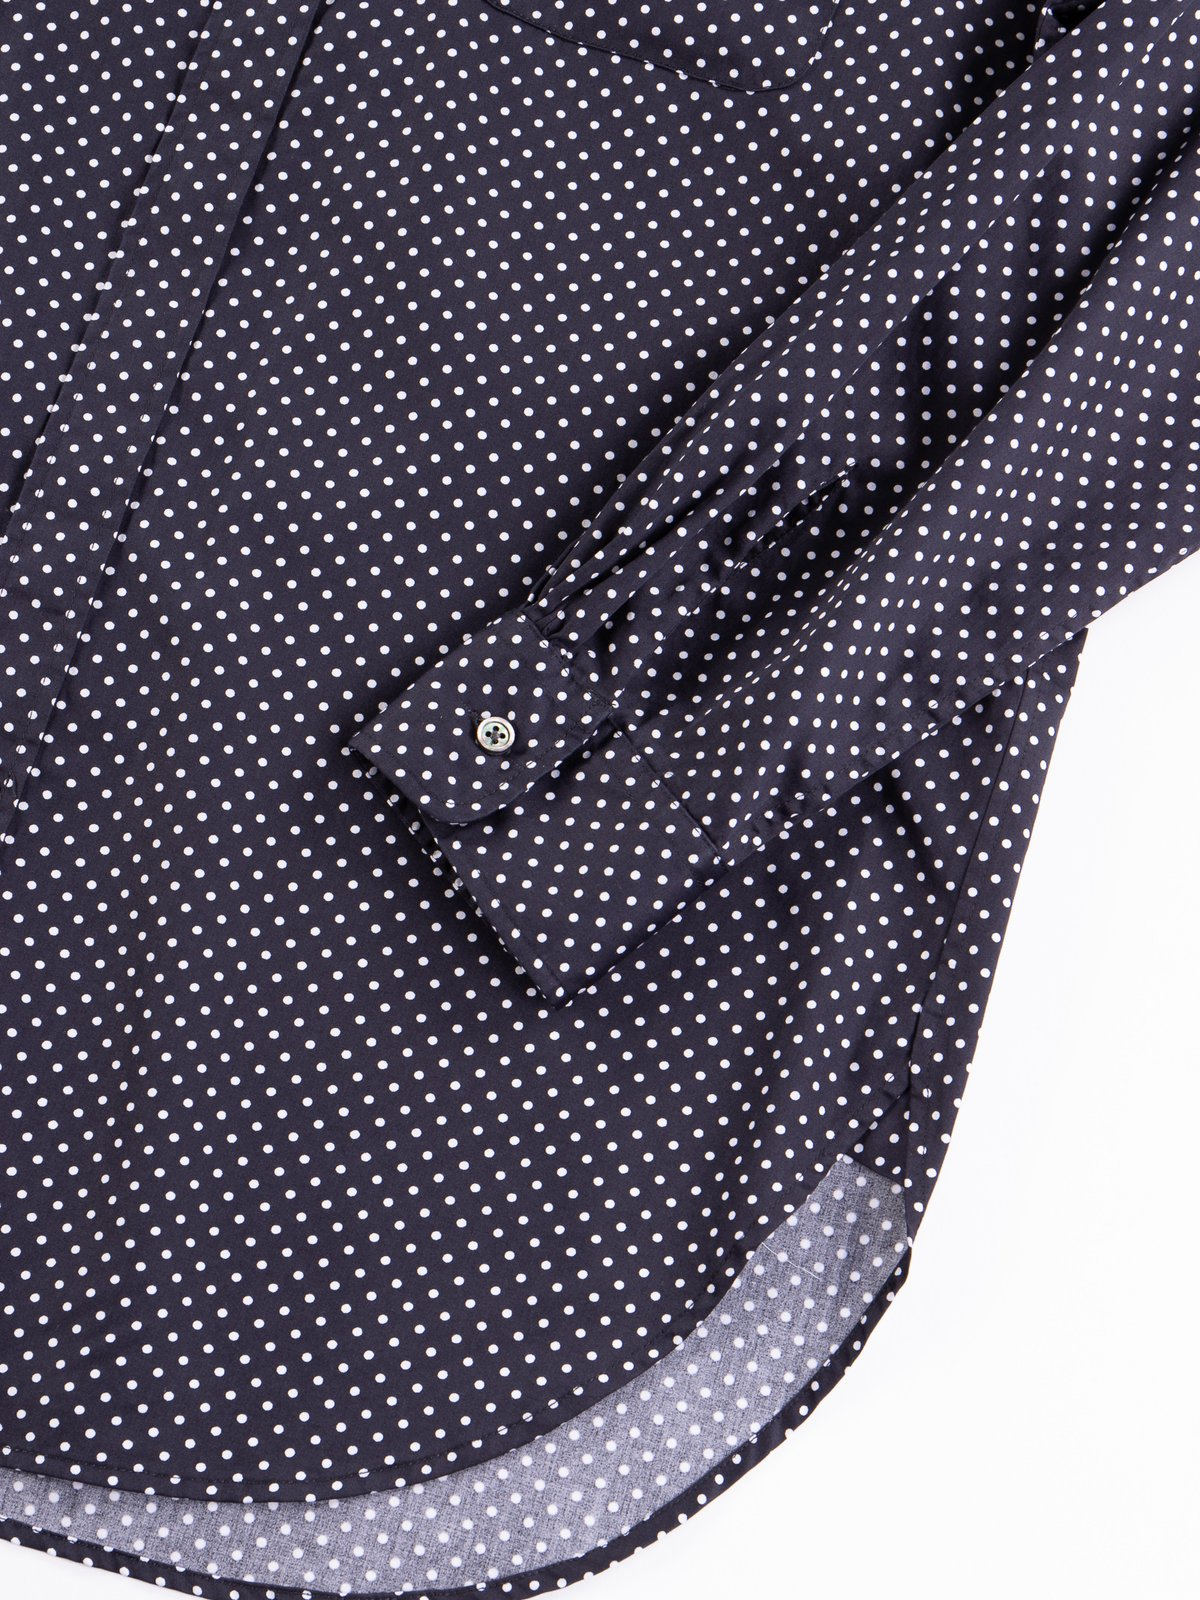 Navy Cotton Big Polka Dot Broadcloth Rounded Collar Shirt - Image 4